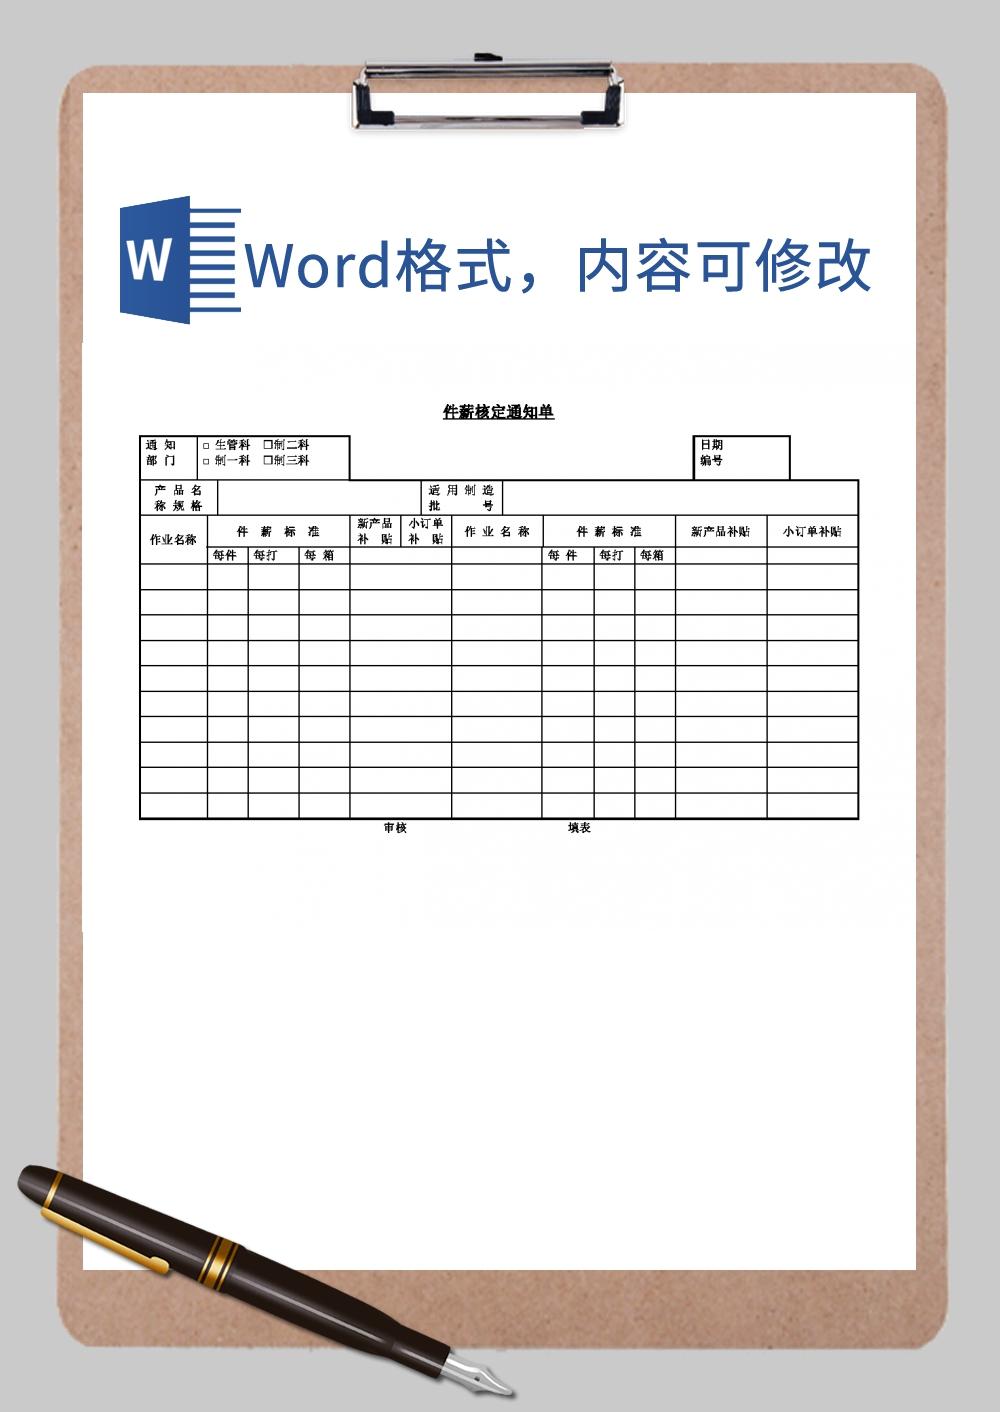 件薪核定通知单空白Word模板